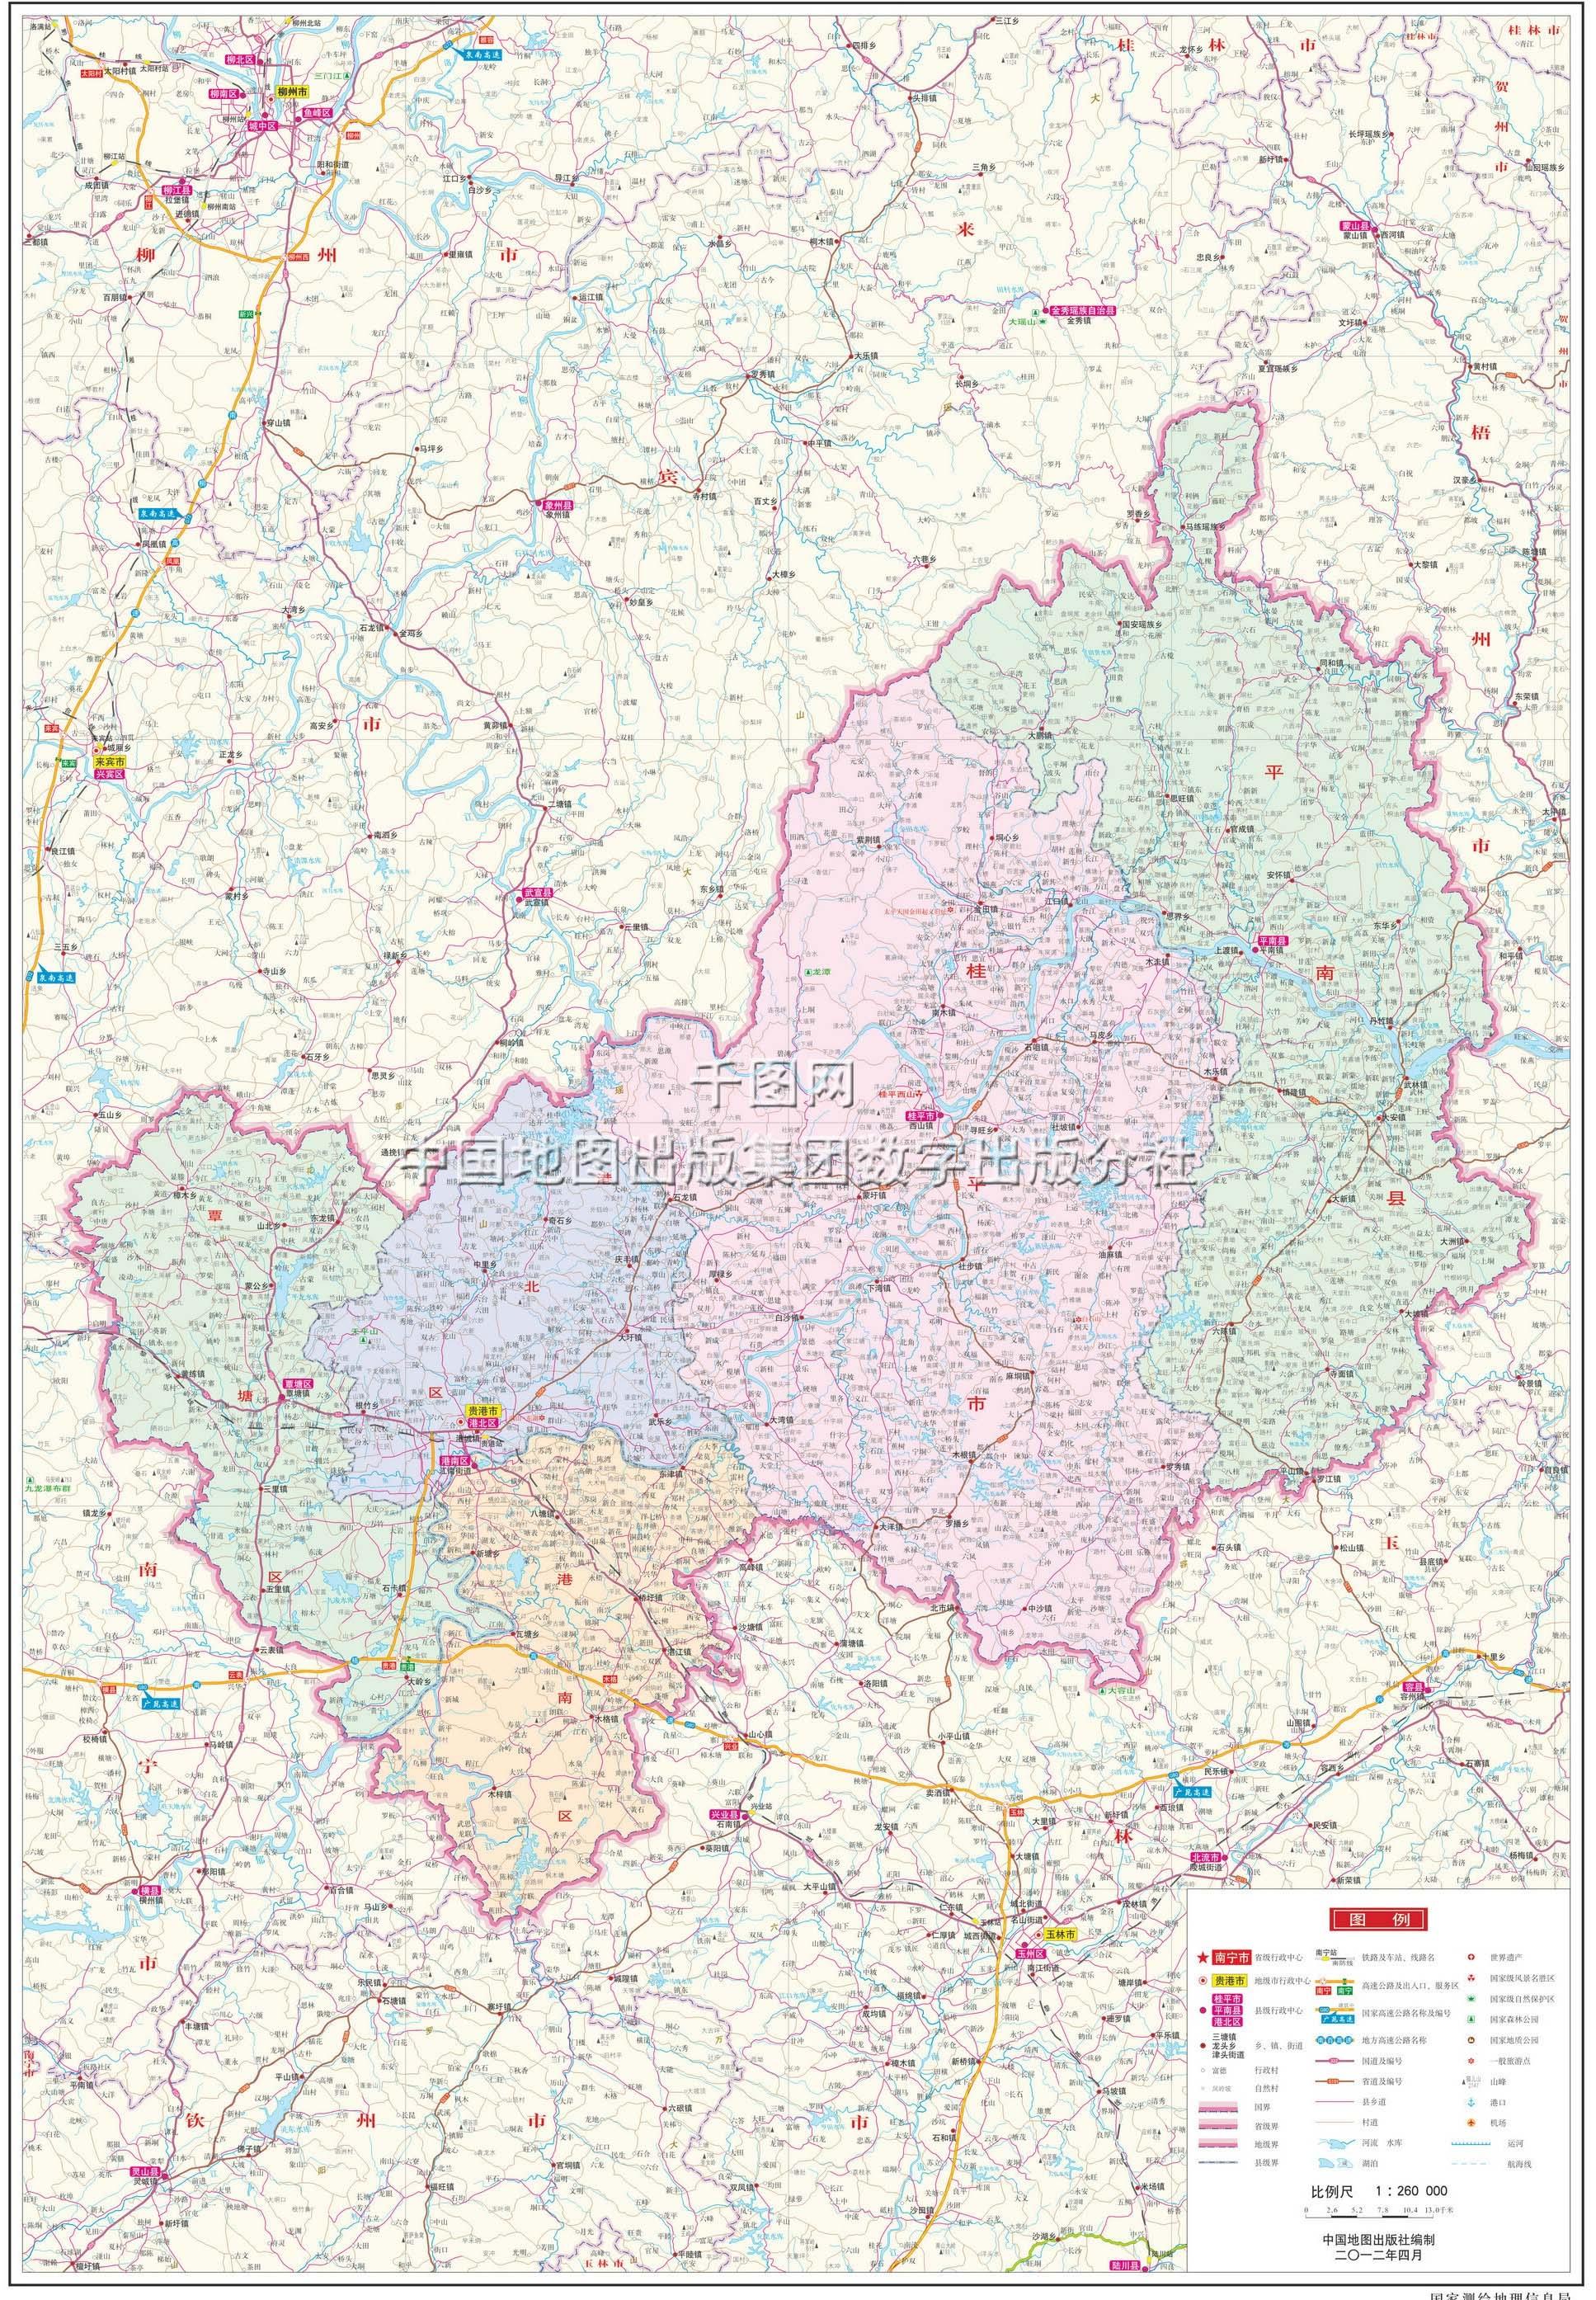 贵港市地图高清版